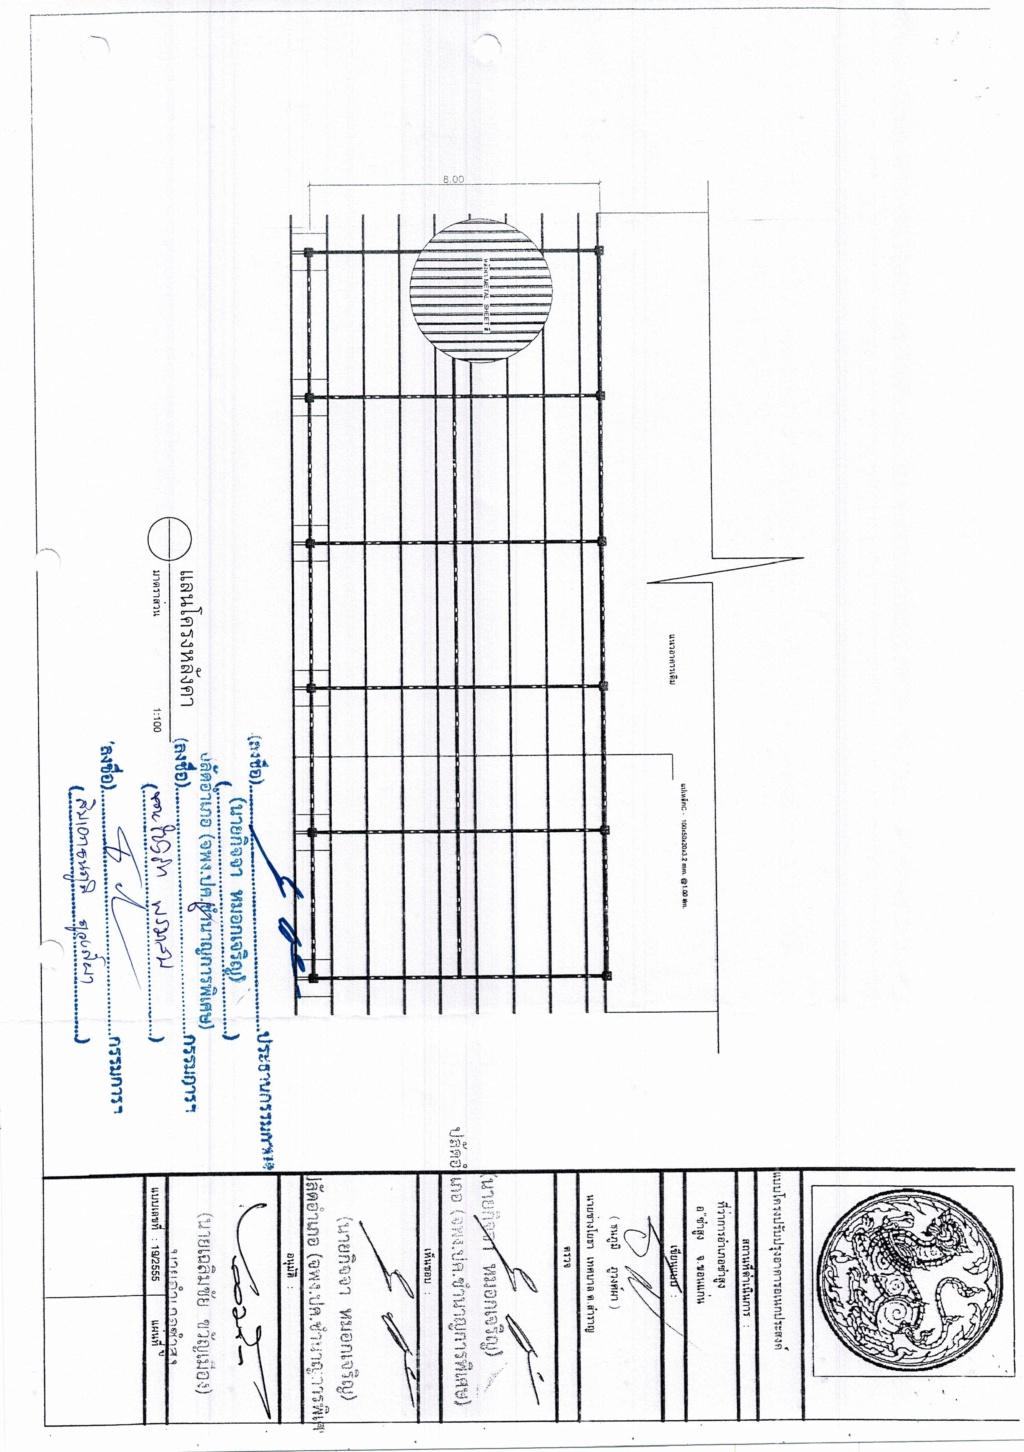 โครงการปรับปรุงอาคารหอประชุม อำเภอซำสูง จังหวัดขอนแก่น ประจำปีงบประมาณ 2563   Cci_0024